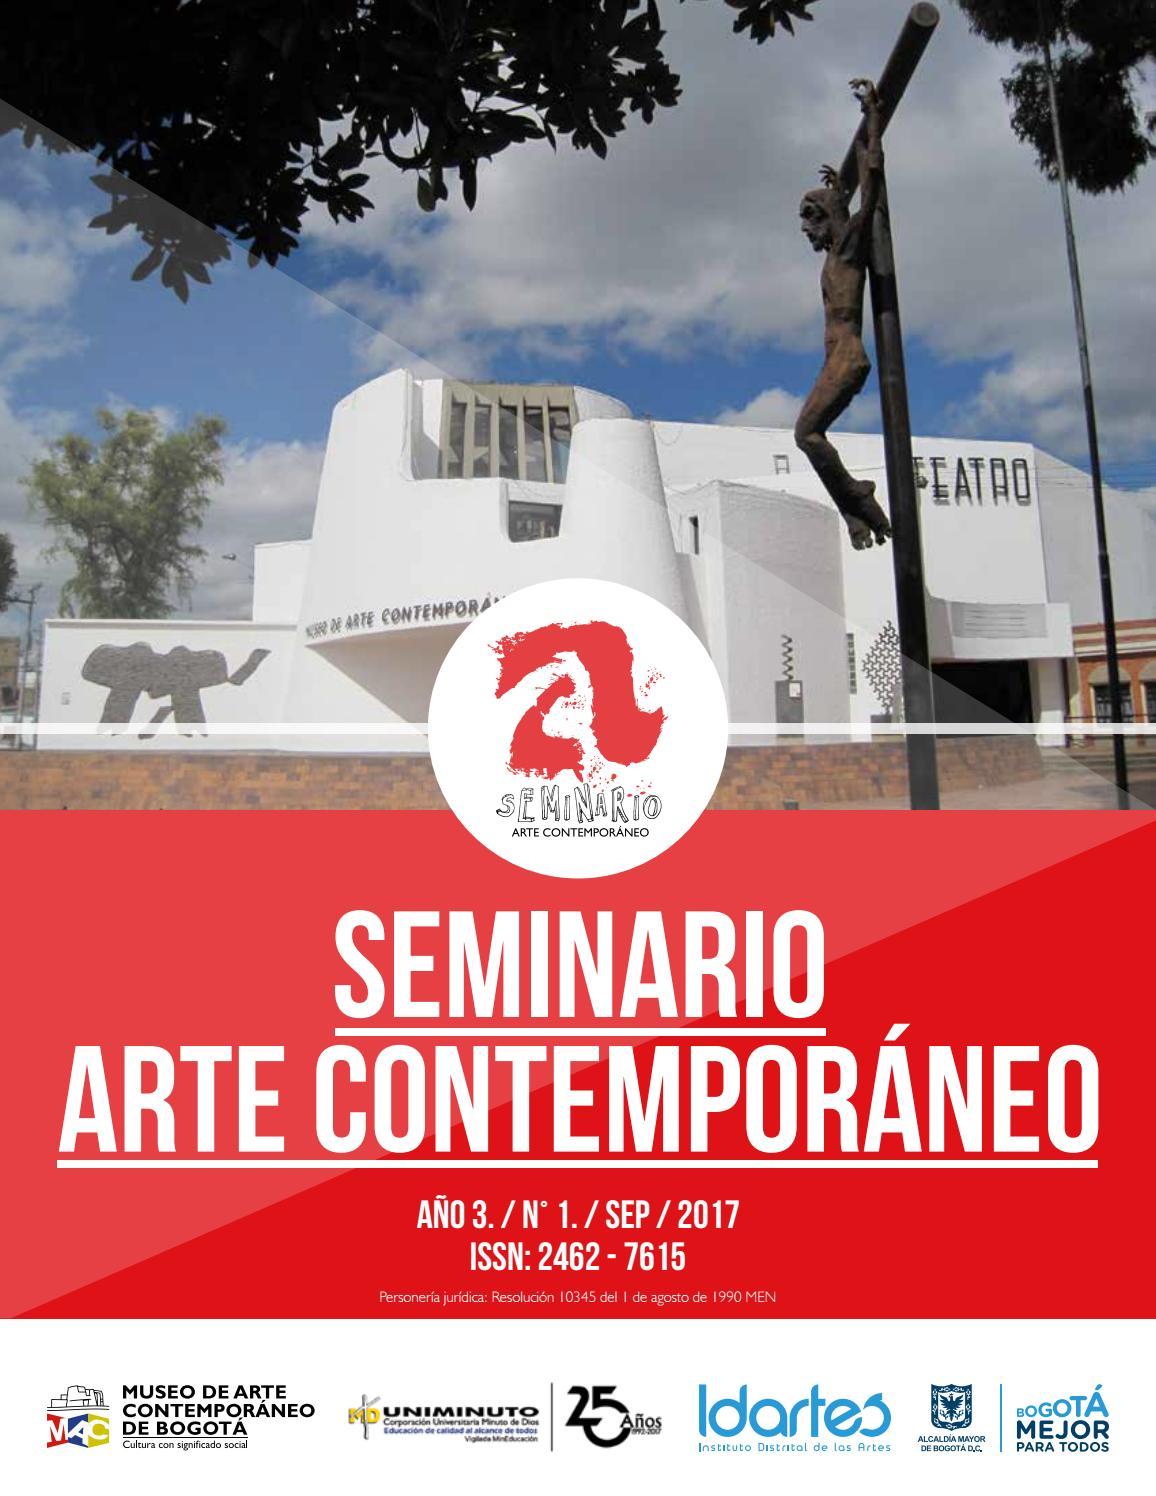 Pro Arte decisiva serie 62 cepillos cepillo de artistas Plana Artesanales.